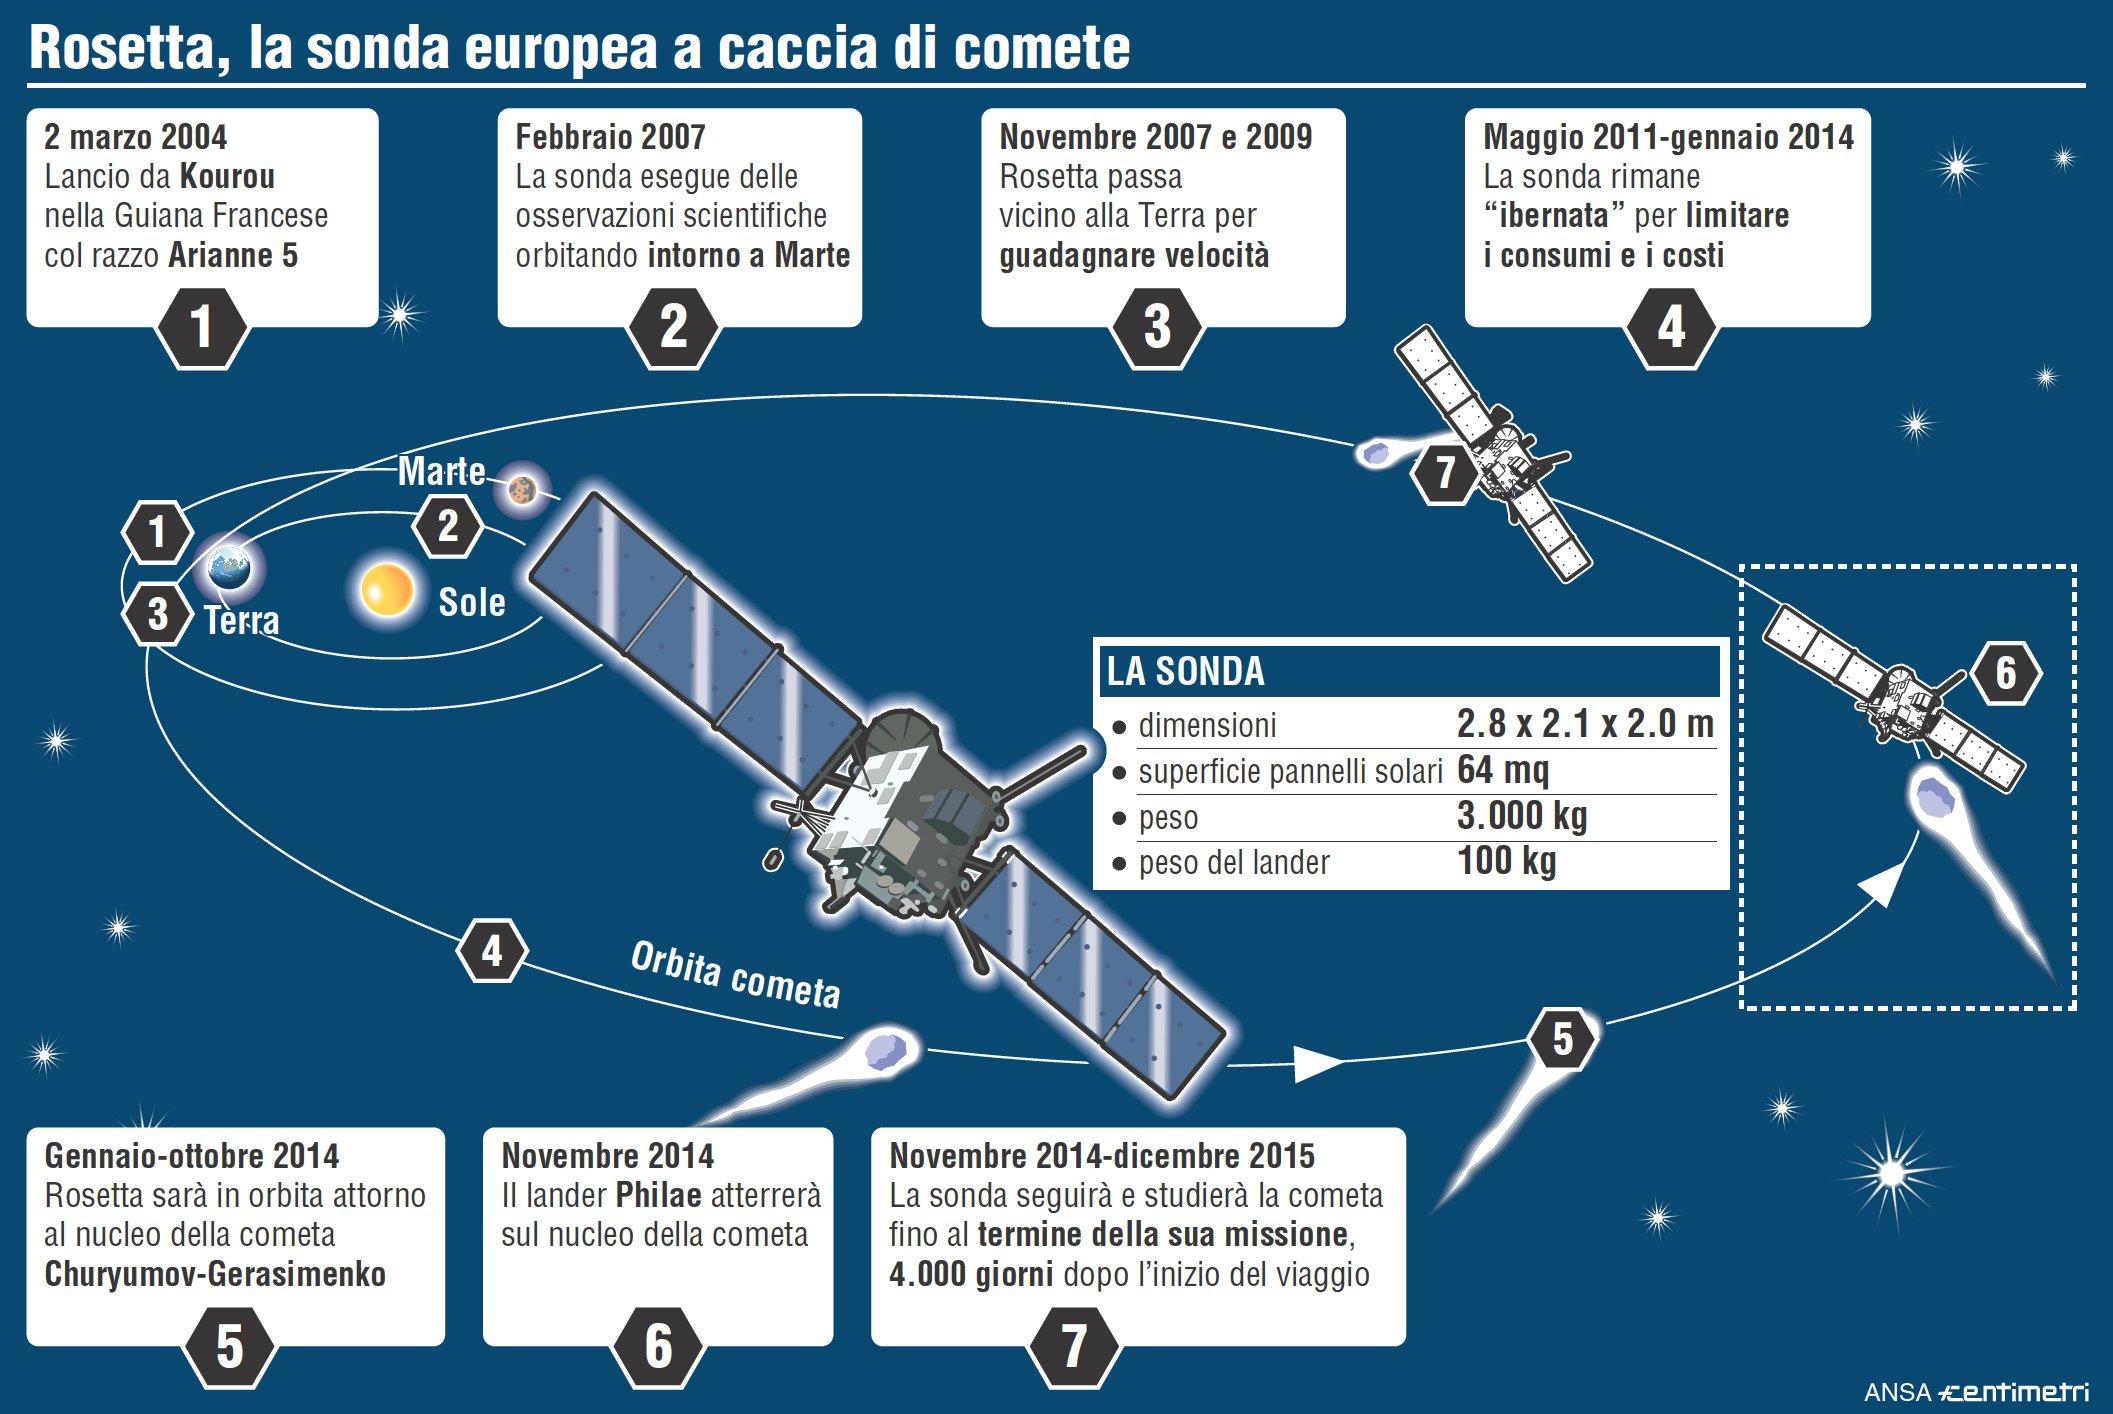 http://www.giornalettismo.com/wp-content/uploads/2014/01/02-Missione-Rosetta.jpg